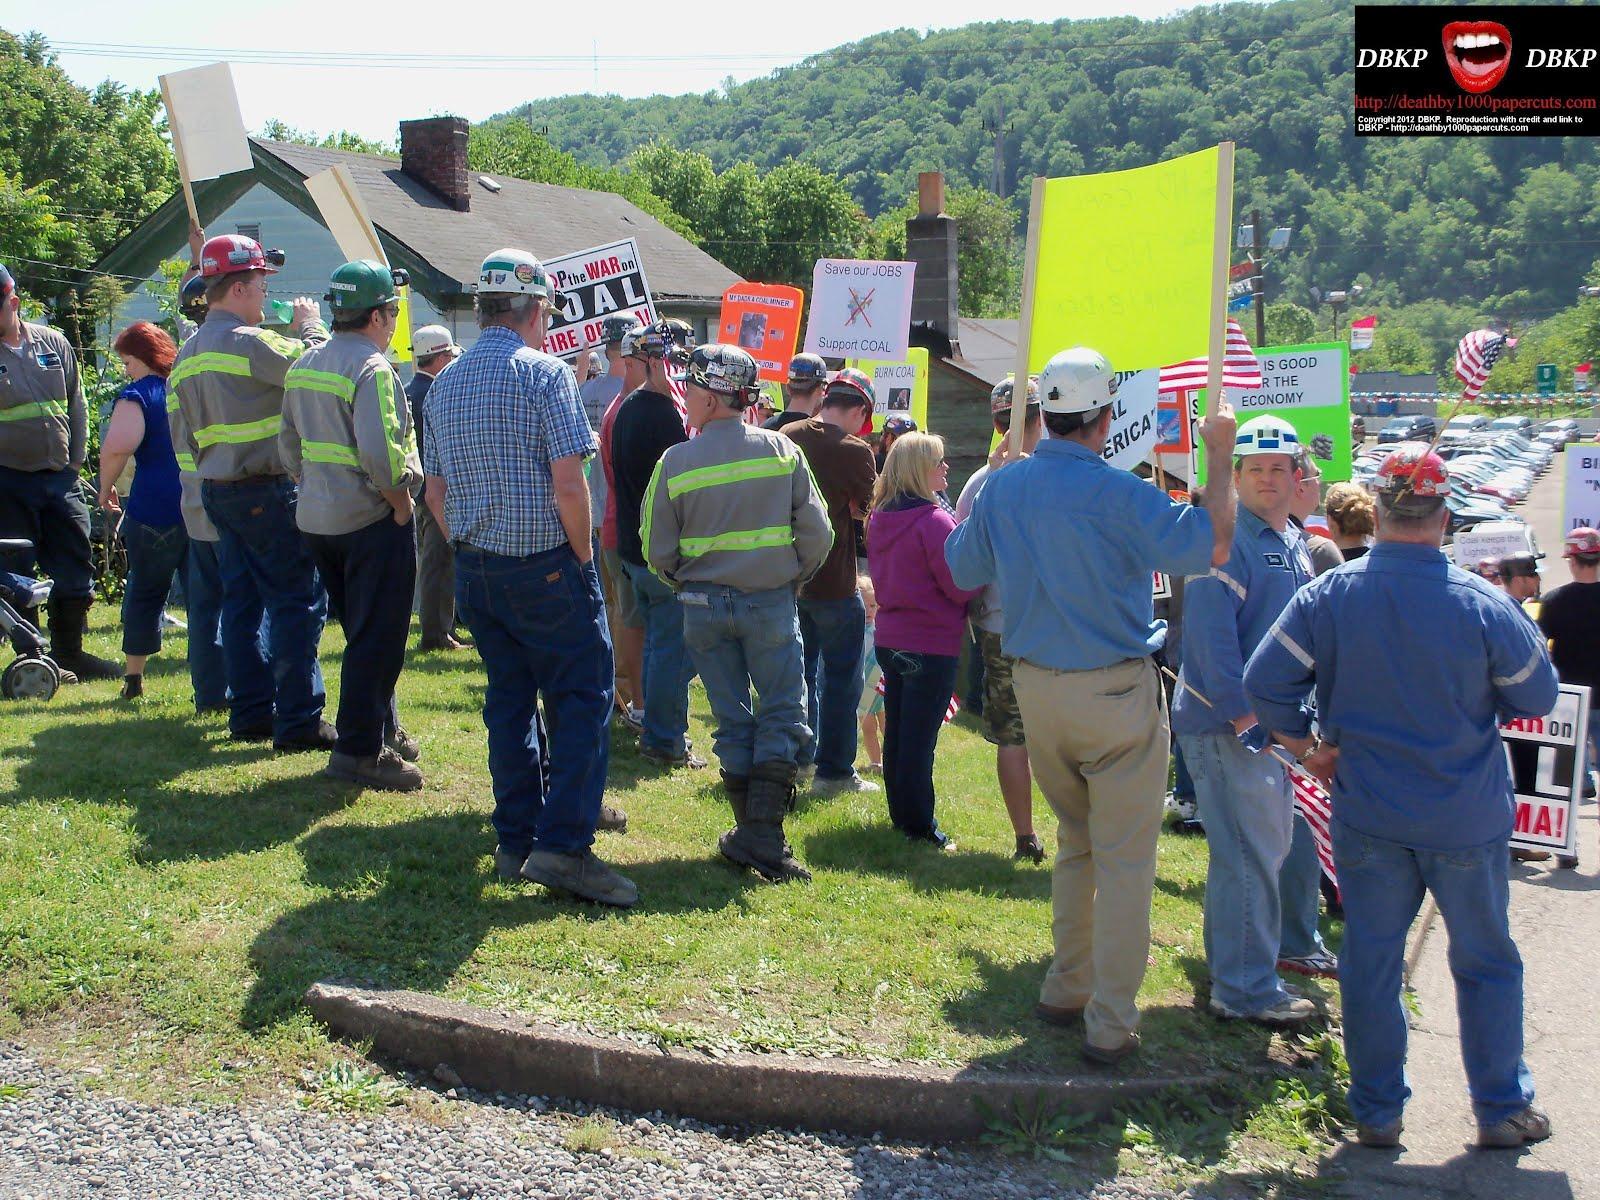 http://2.bp.blogspot.com/-h8rQlGYbvmc/T7jXNVRqCQI/AAAAAAAAXq4/wSCNuEVyHLM/s1600/Biden-MF-protestors-0517-2012.jpg